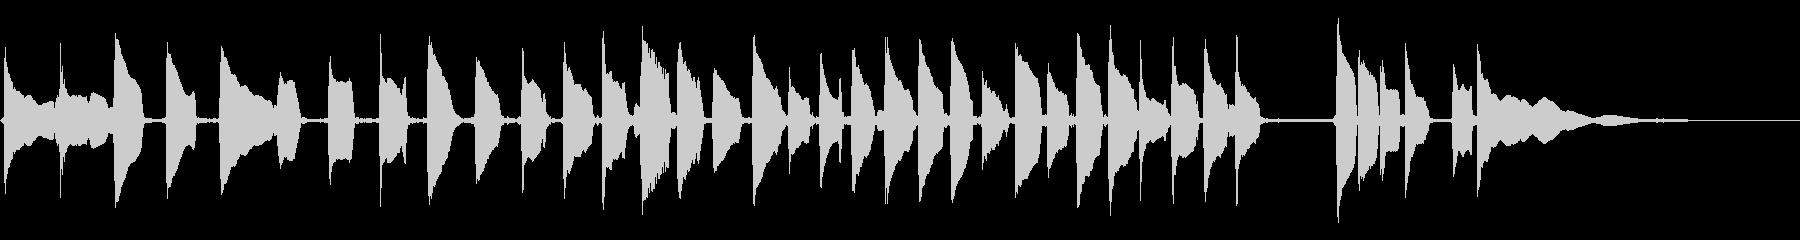 マンドリン:ロングビルチャージアク...の未再生の波形